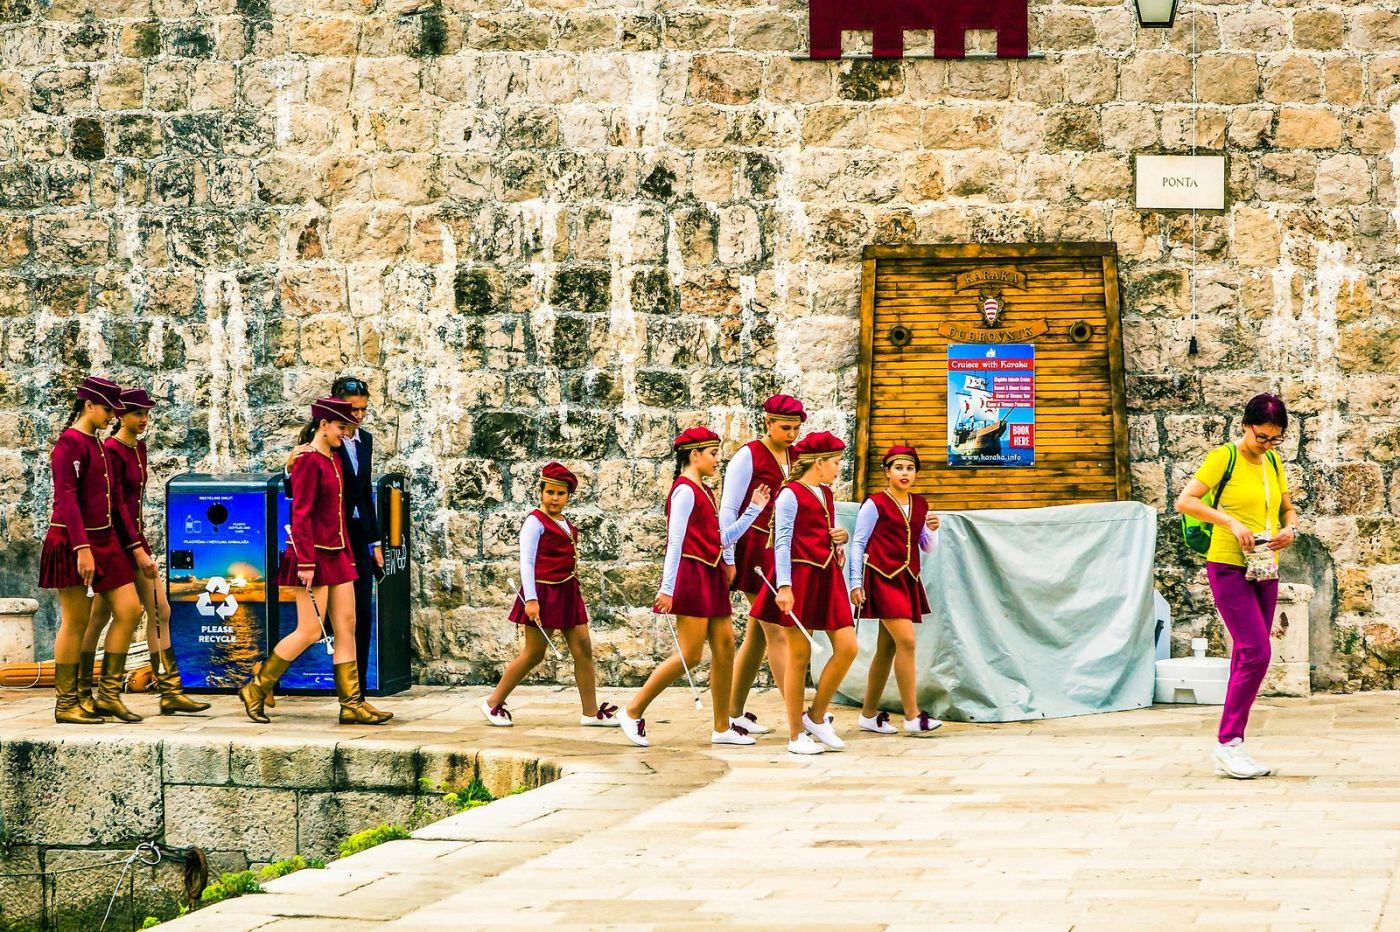 克罗地亚杜布罗夫尼克(Dubrovnik),古城小巷_图1-12